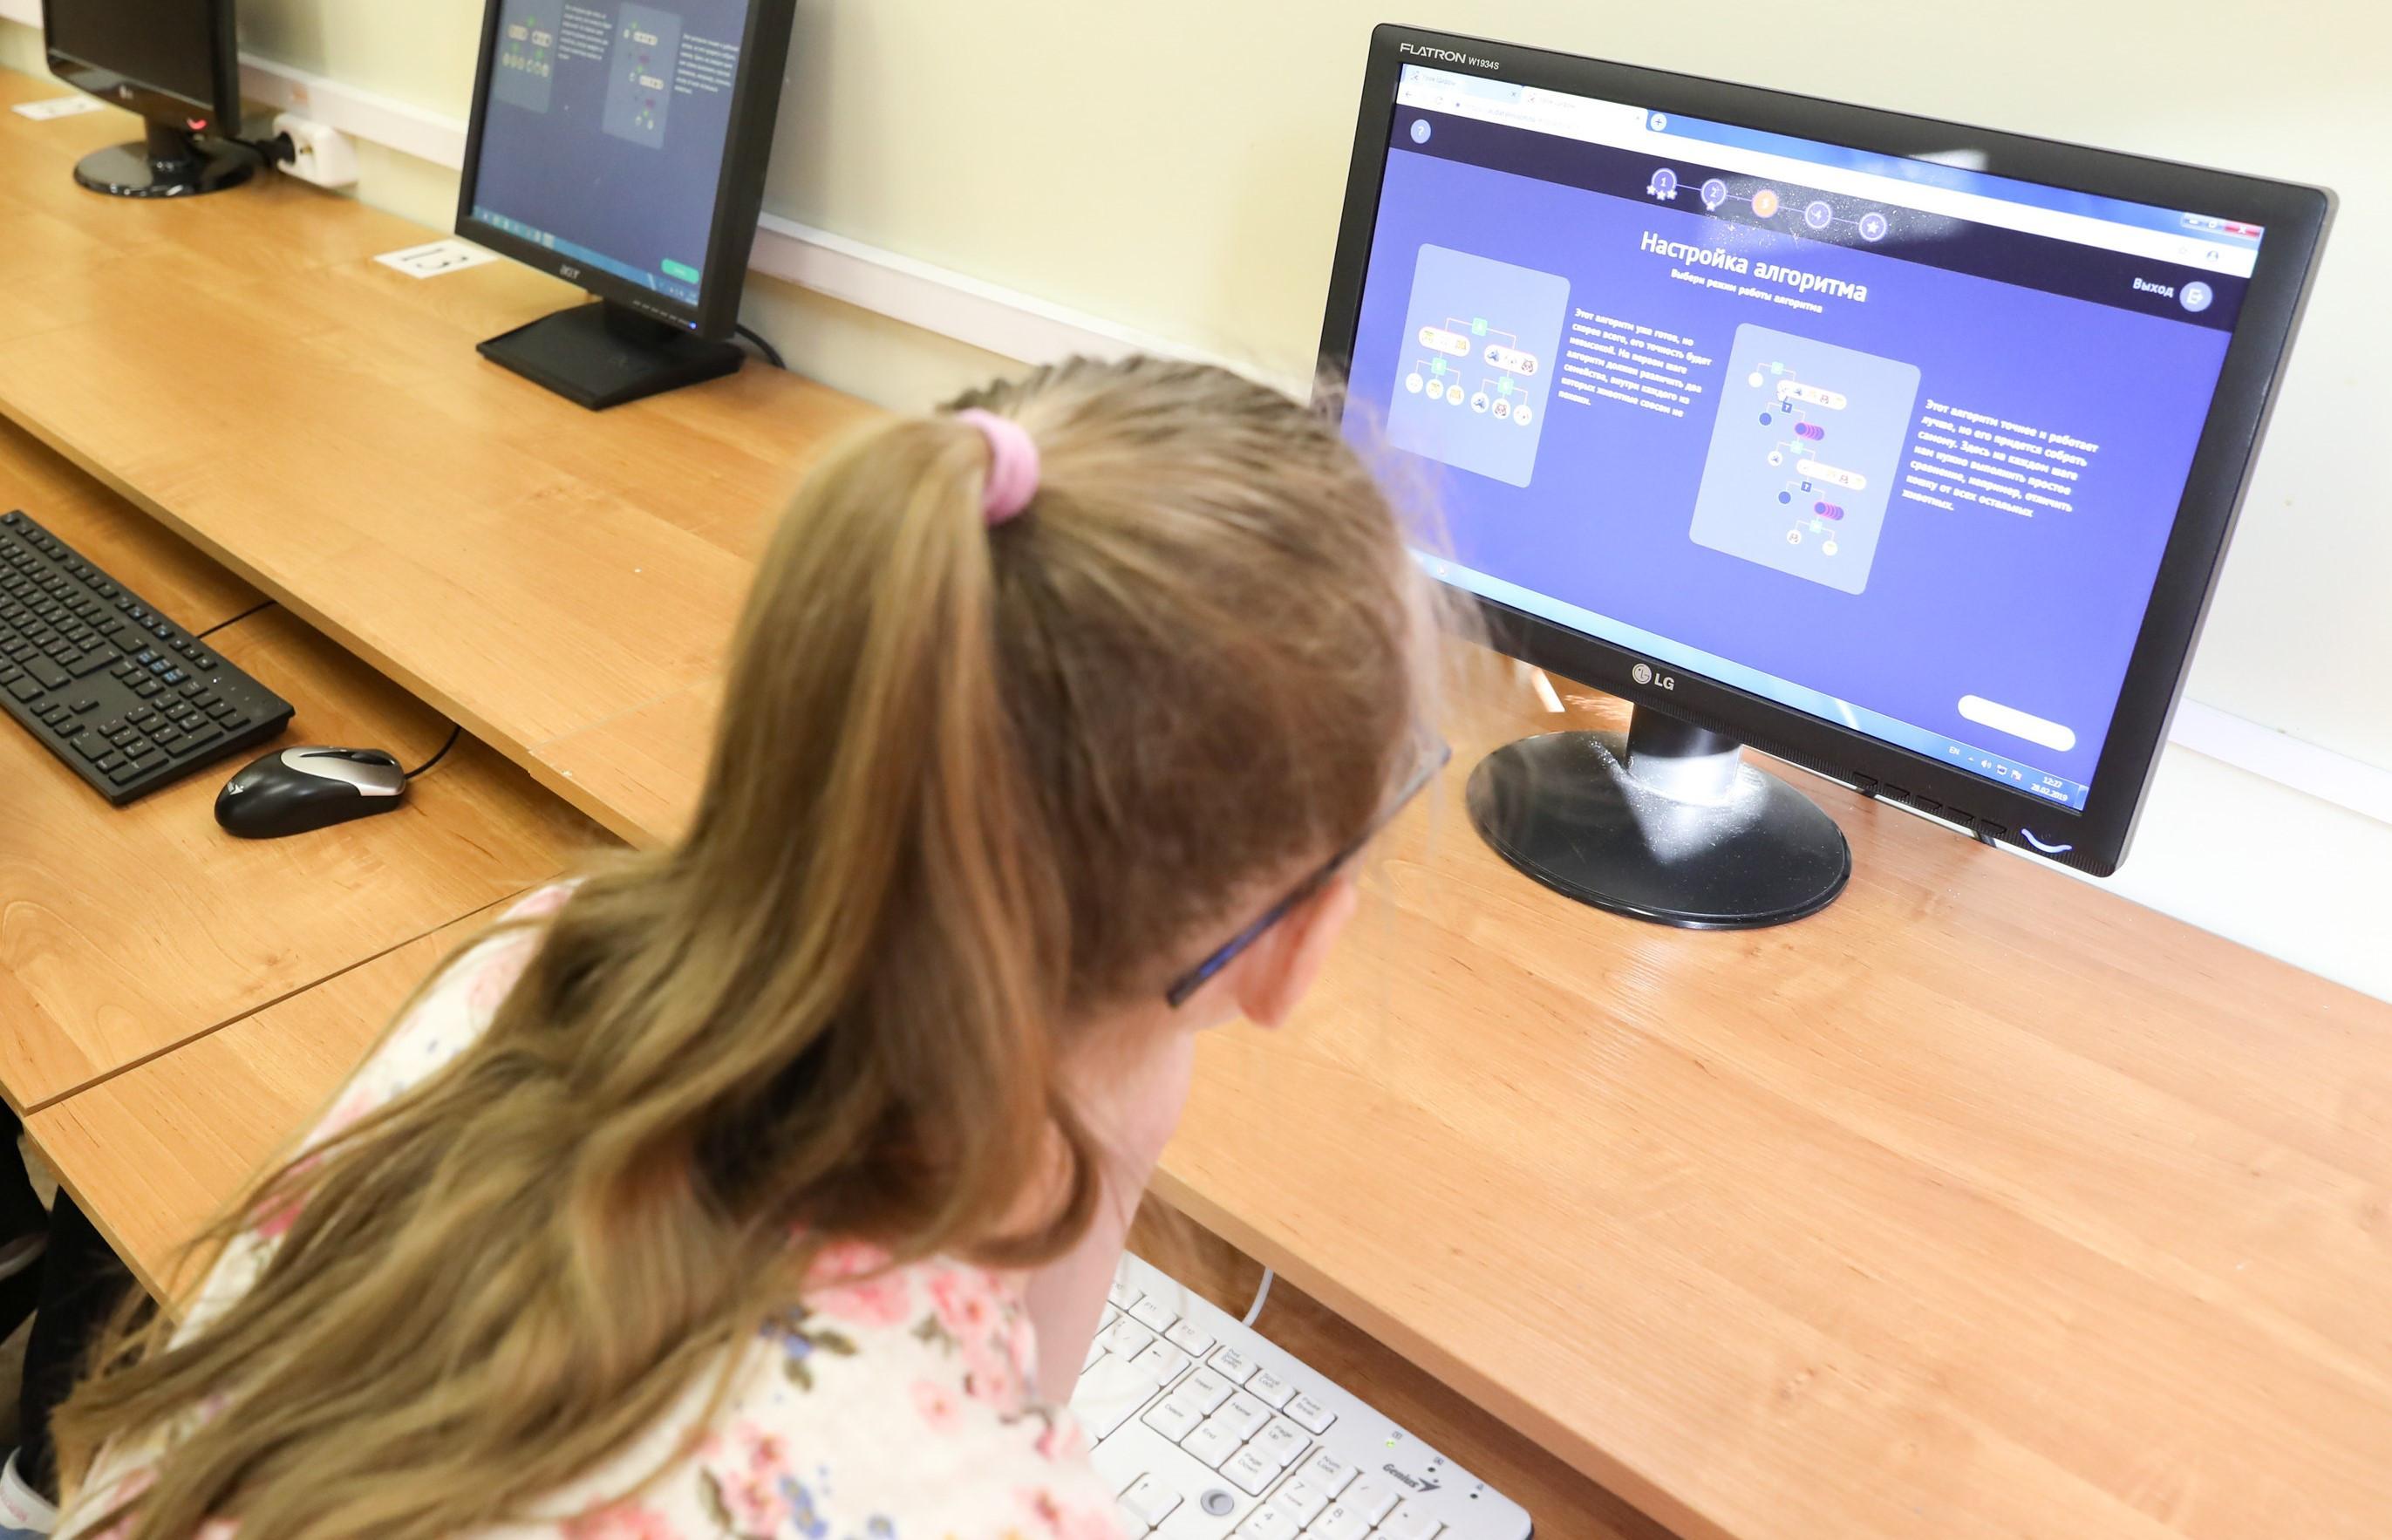 До конца 2021 года все образовательные учреждения России подключат к интернету